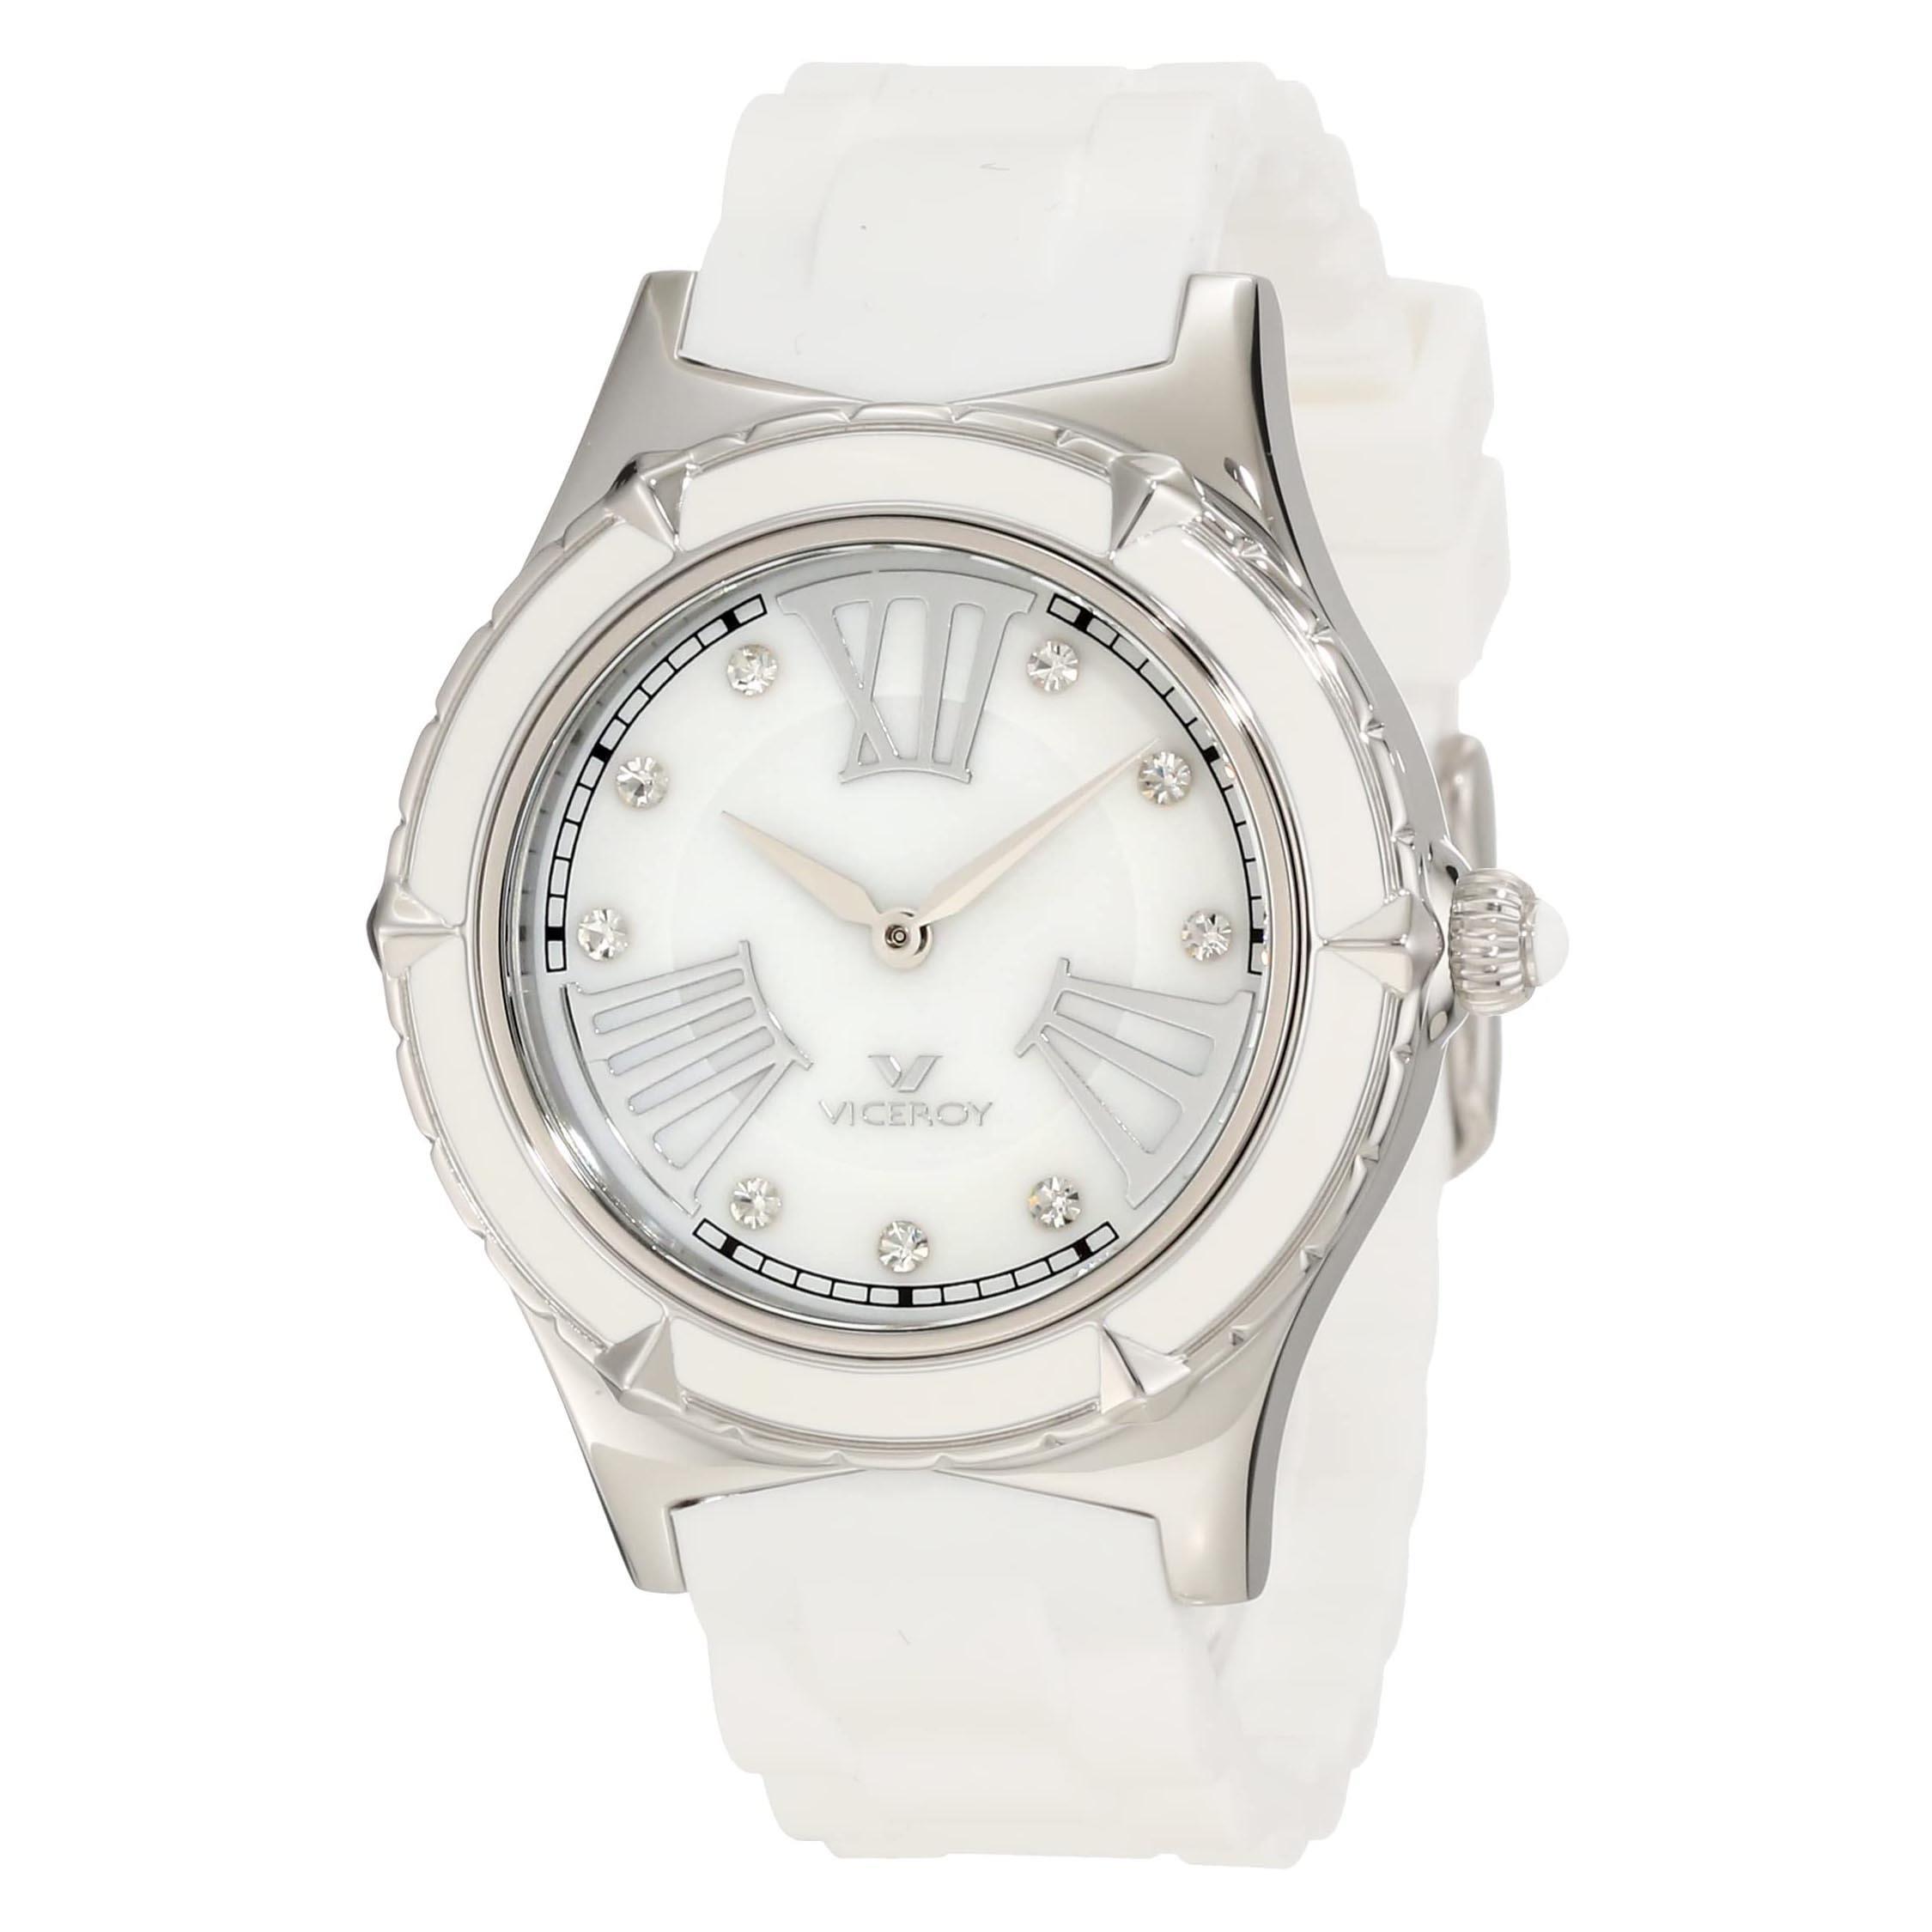 Reloj Viceroy señora acero bisel esmalte blanco